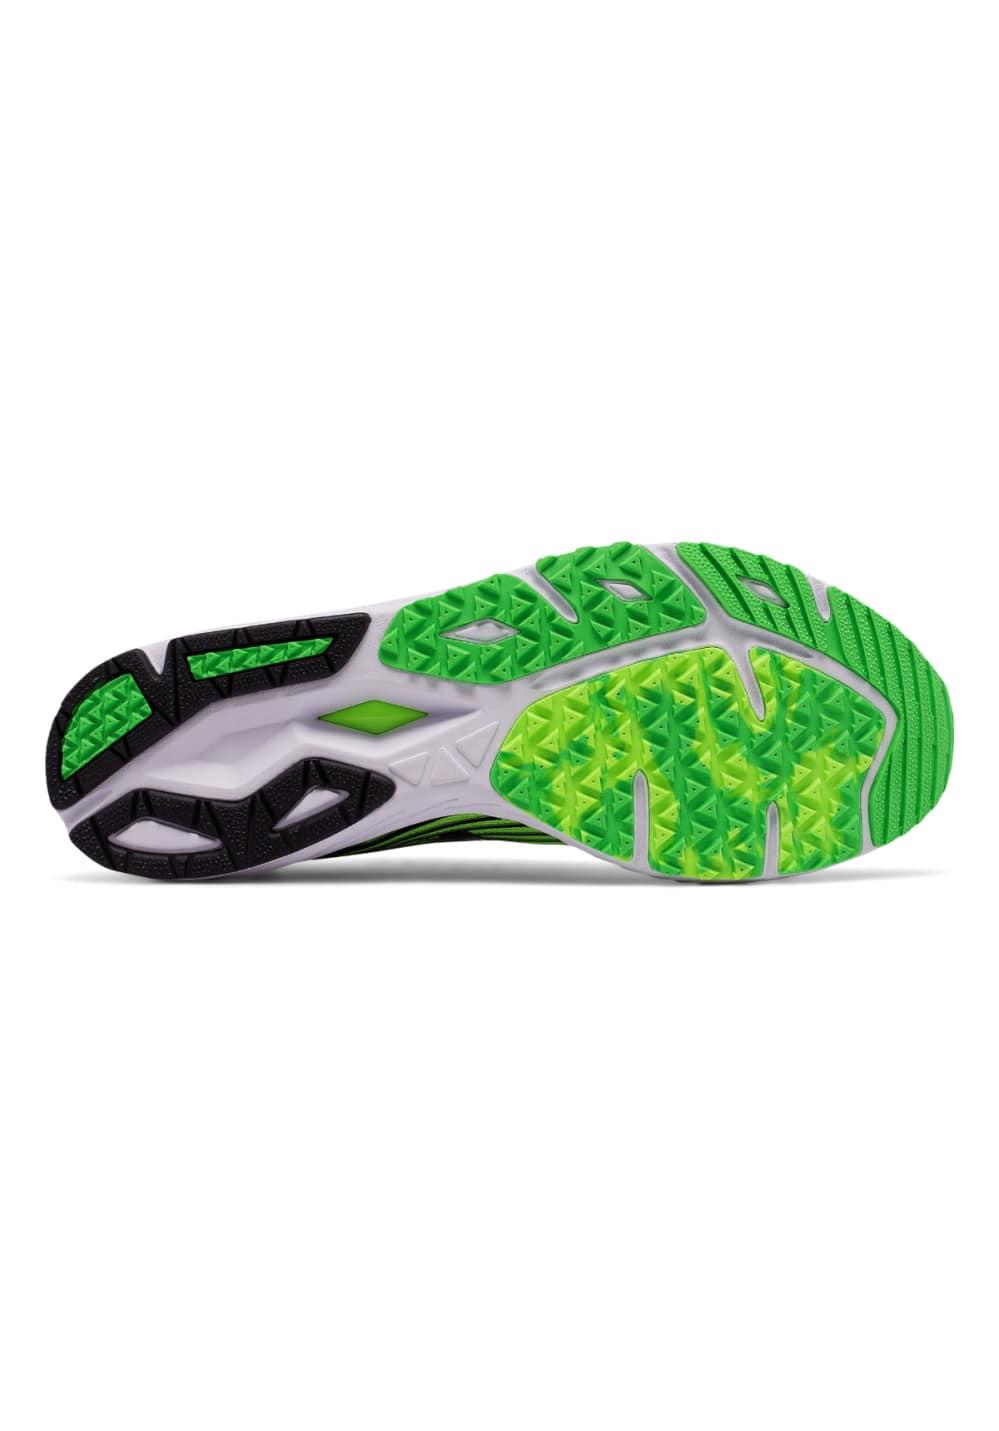 New Balance M 1400 V5 D Running shoes for Men Green